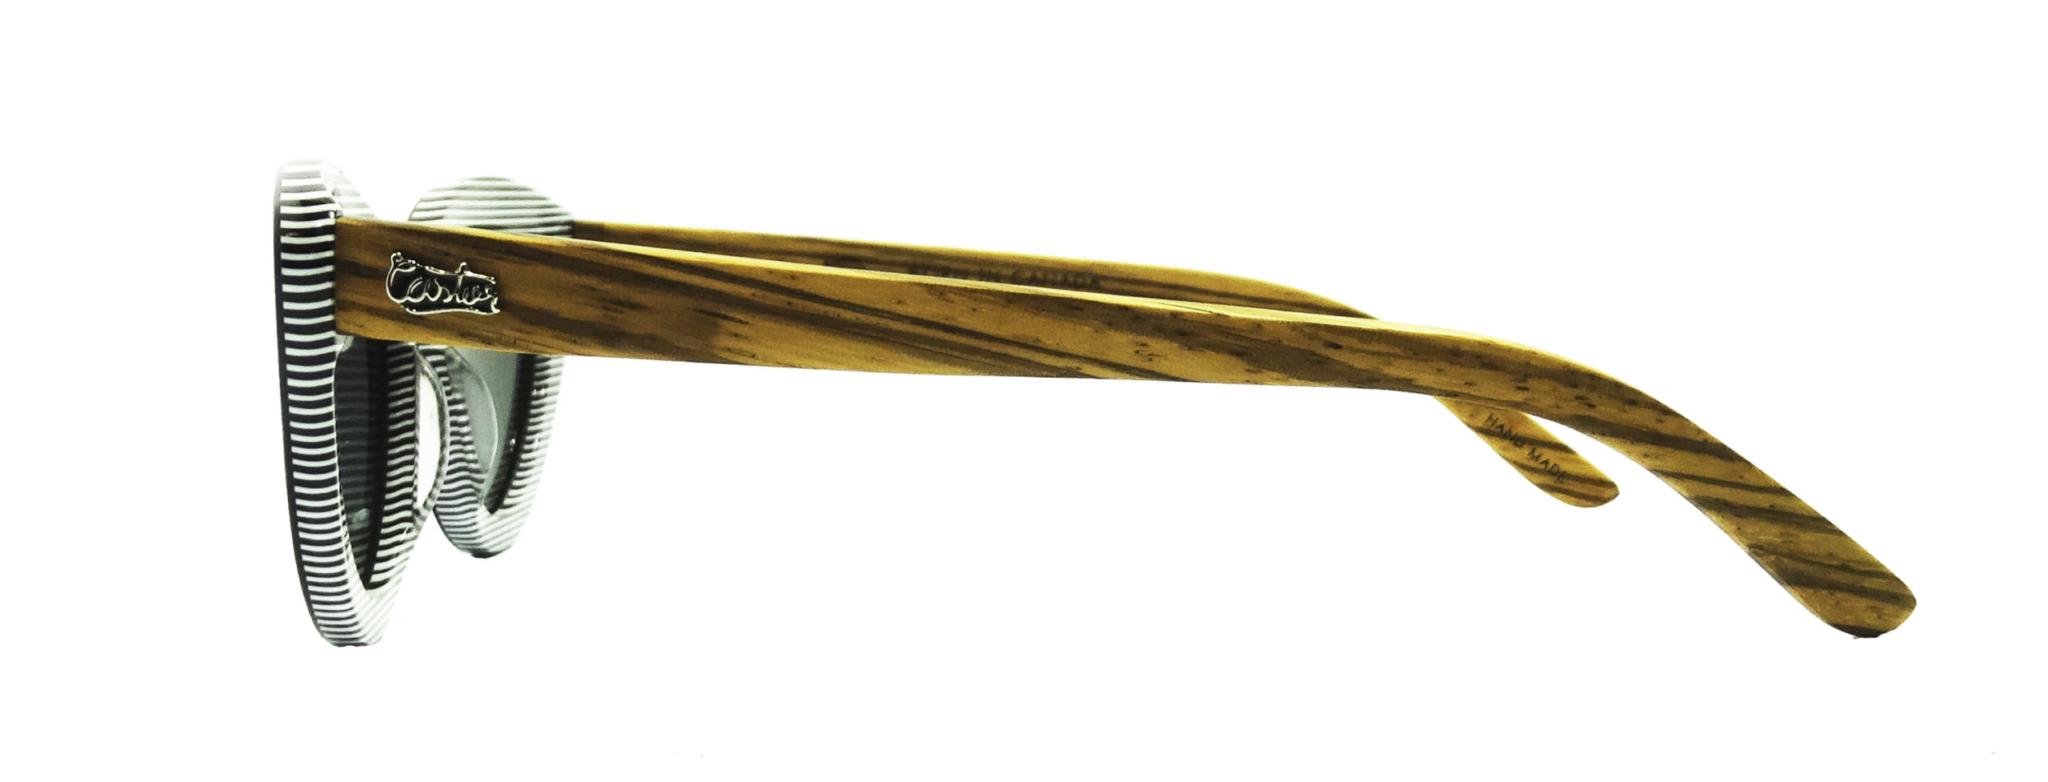 1ae6dece-209-c-2-scaled-1